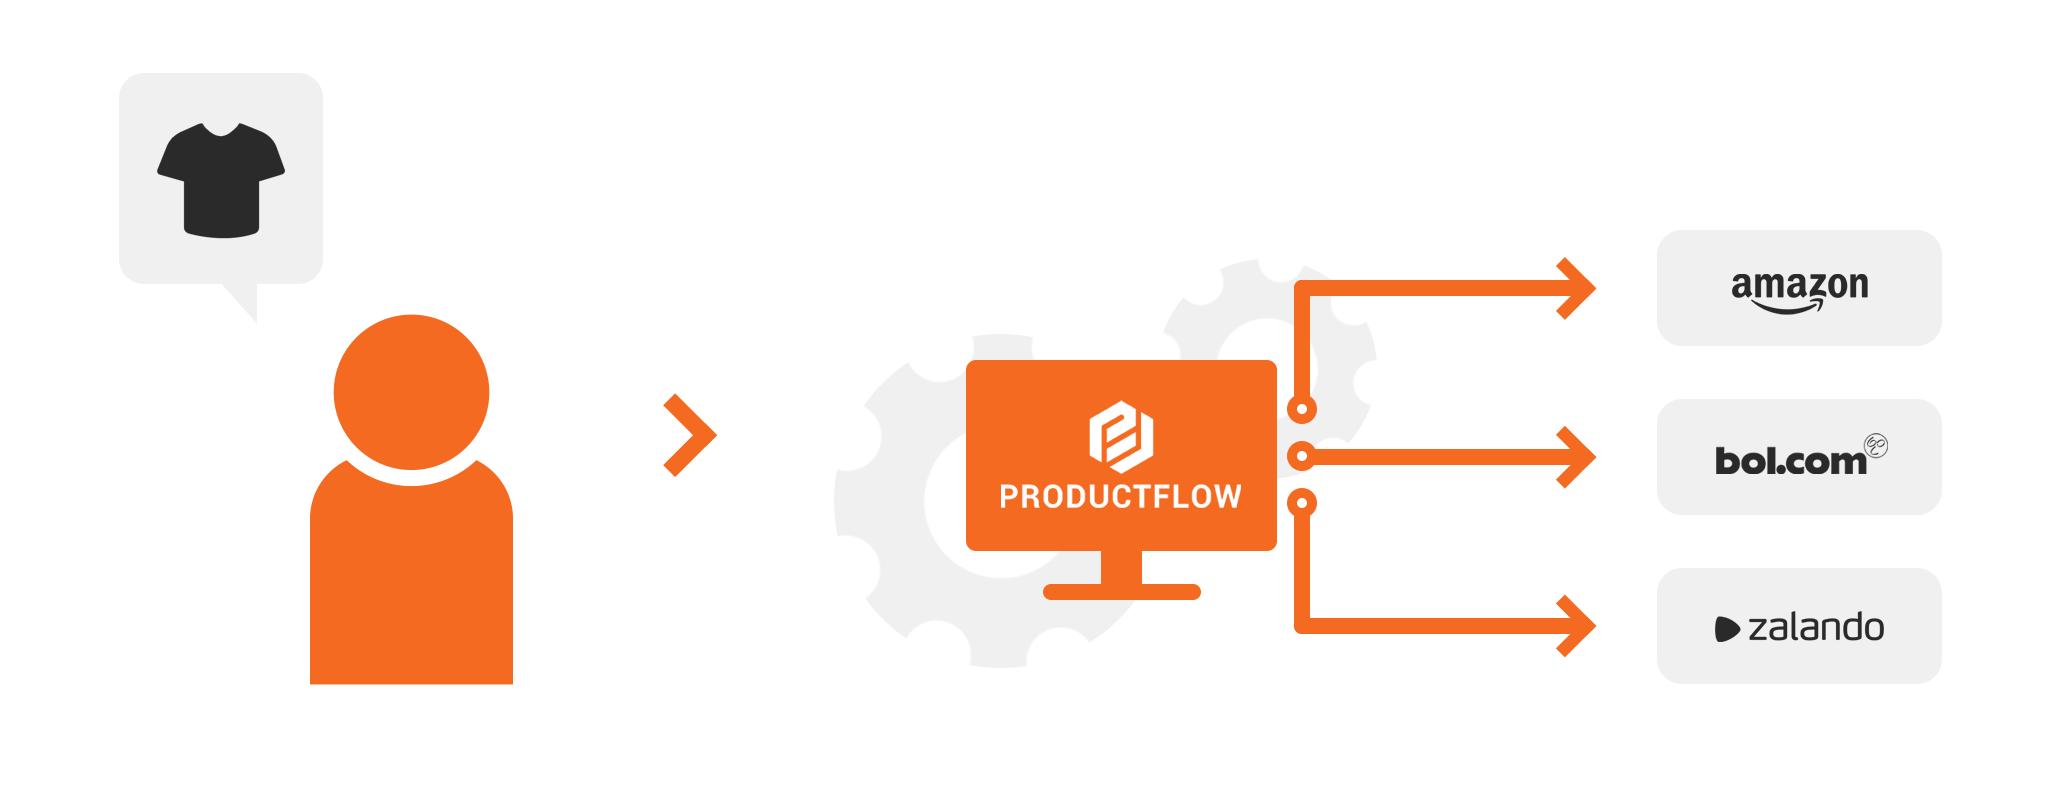 Brandsom Visual - Integratie (ProductFlow)